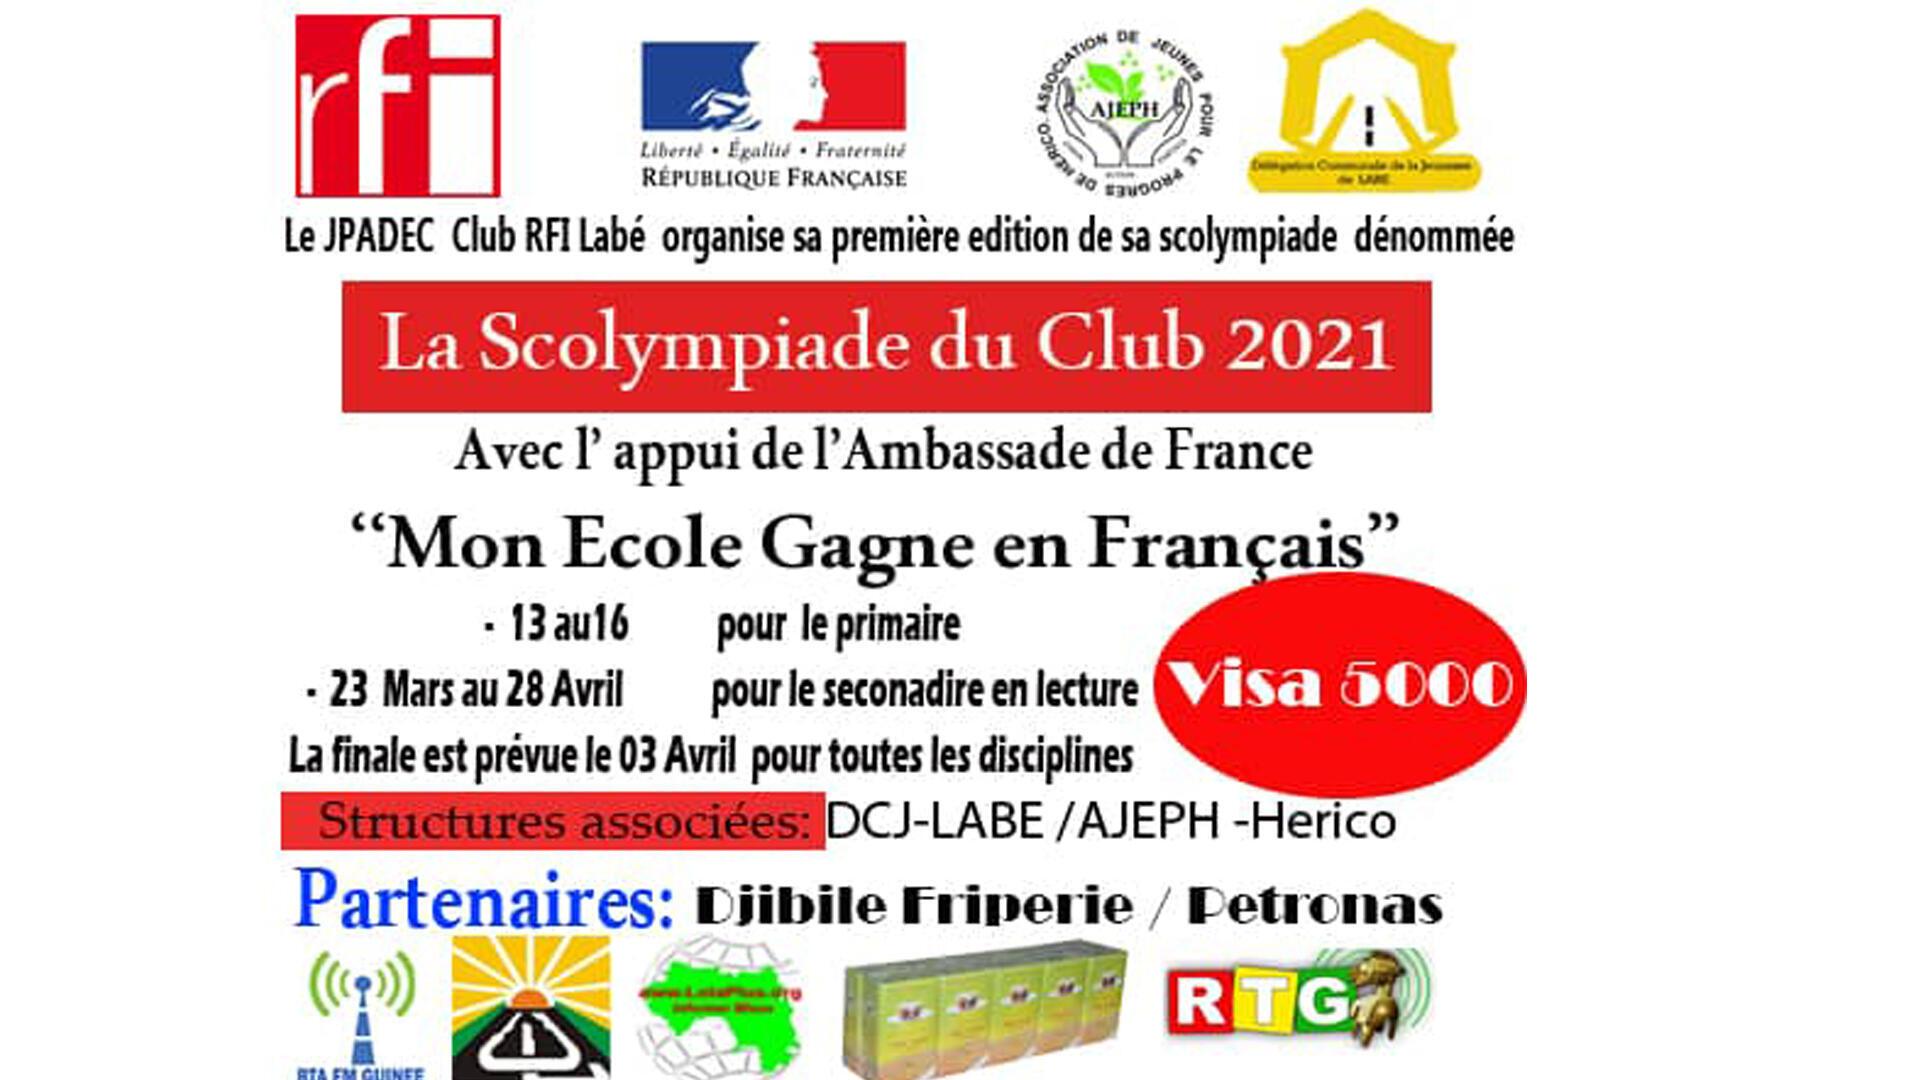 Club Rfi Labé - affiche évènement - La Scolympiade du Club 2021